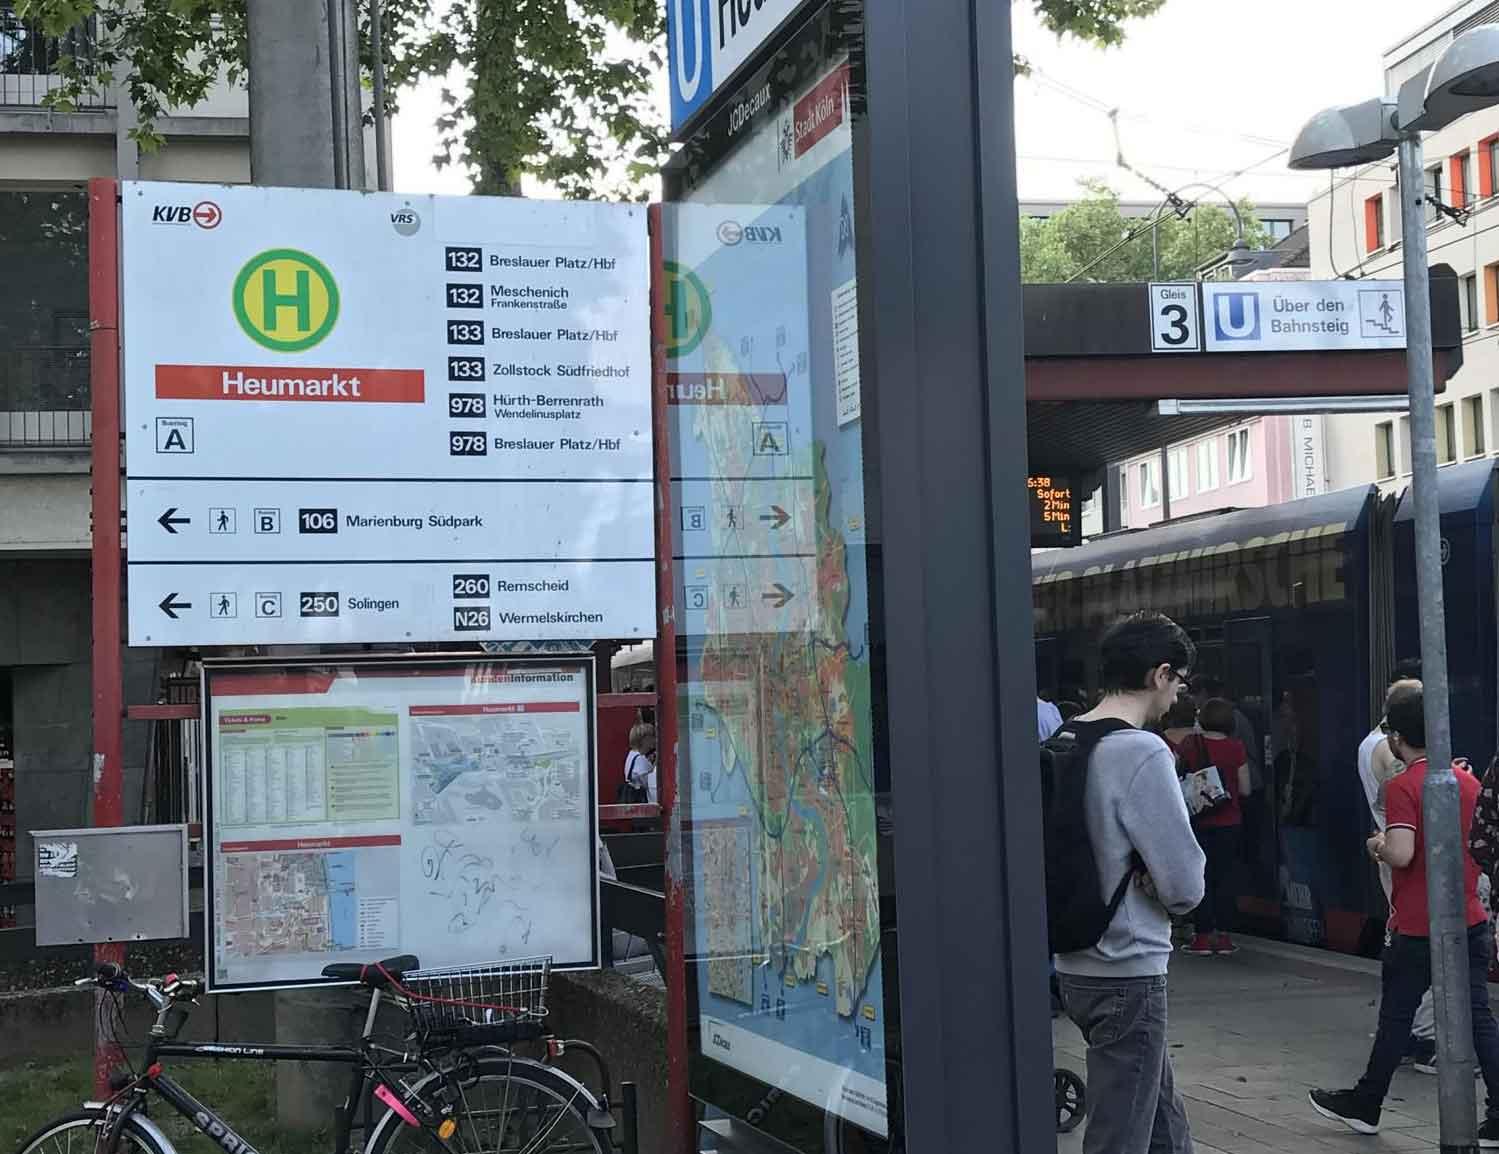 """An der Haltestelle """"Heumarkt"""" werden die Fahrgäste über eine klassische Beschilderung mit großer Tafel, an den Bahnsteigdächern etc. gelenkt."""